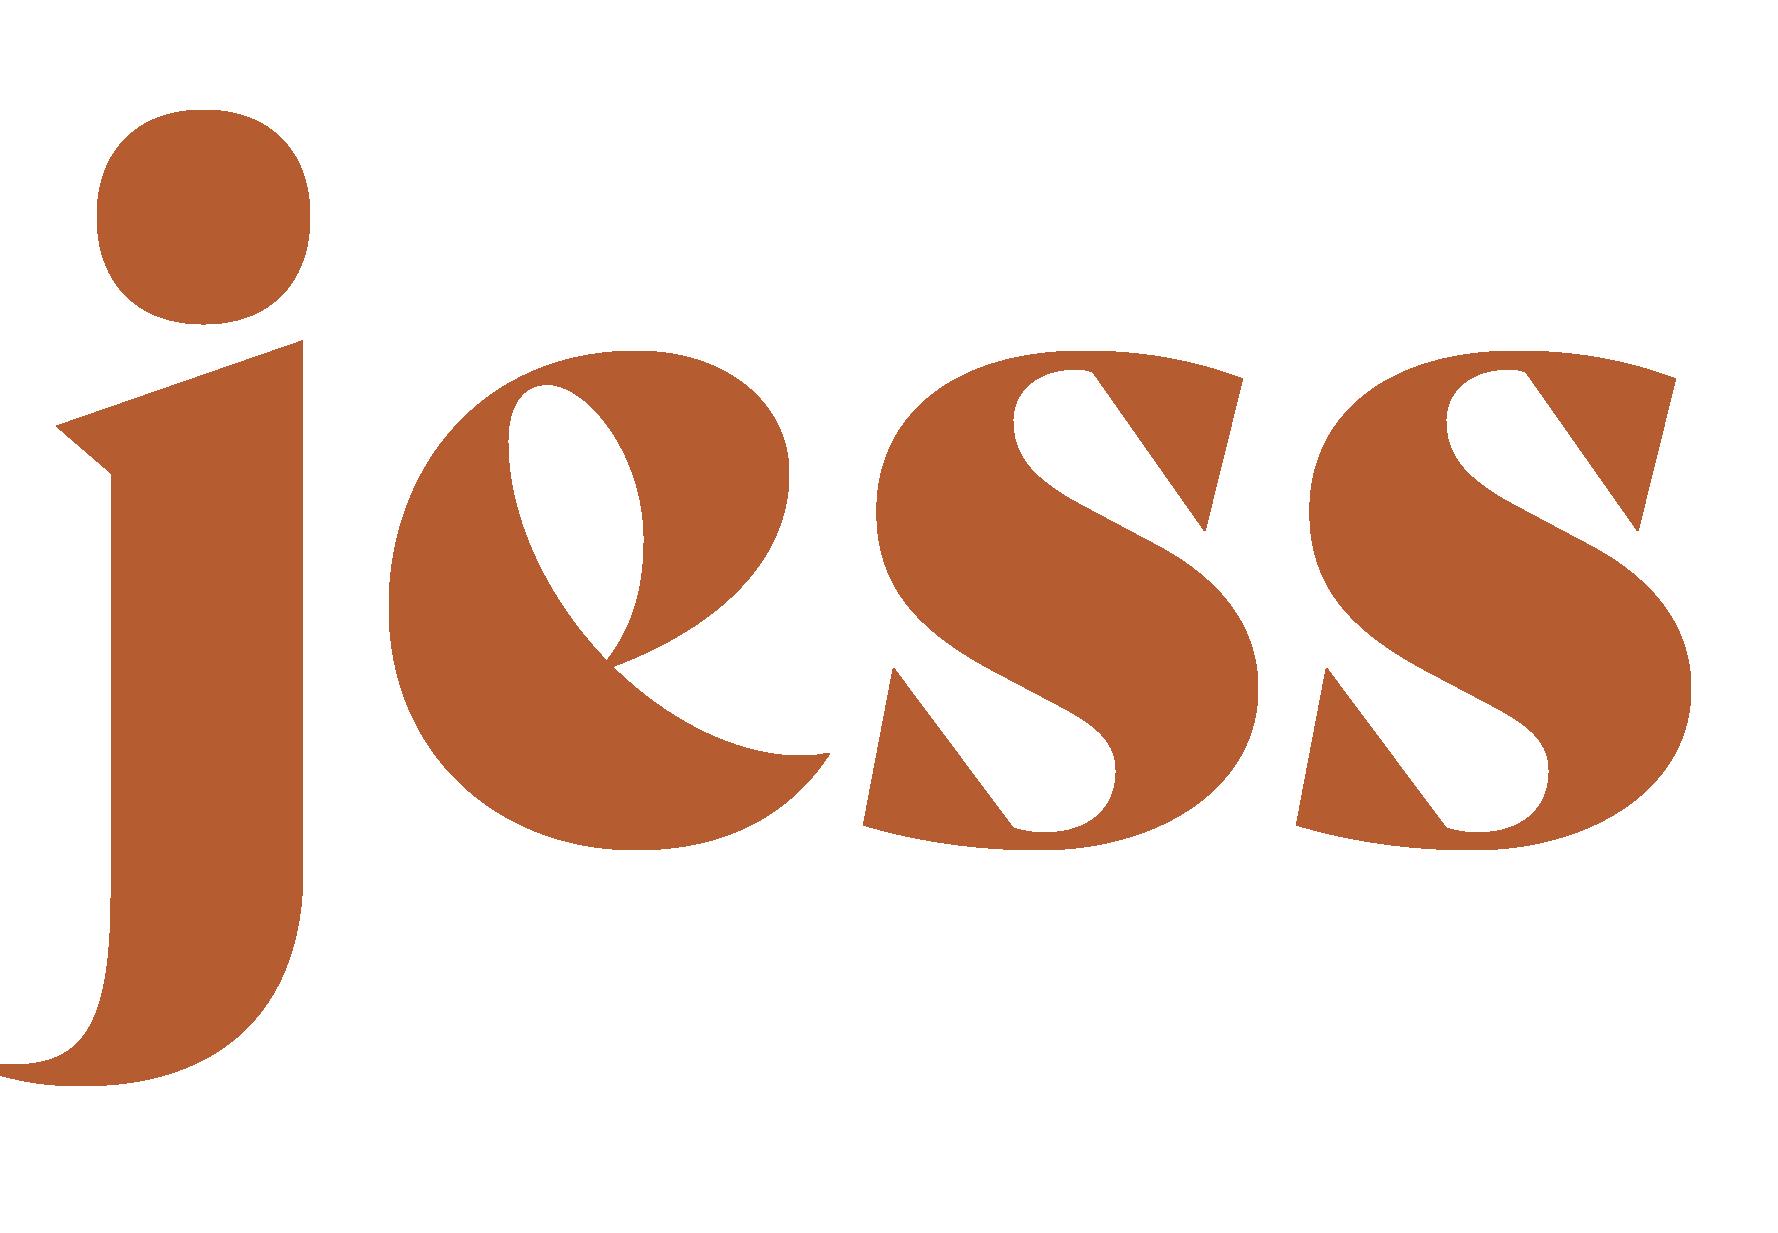 Jessica Keoshian